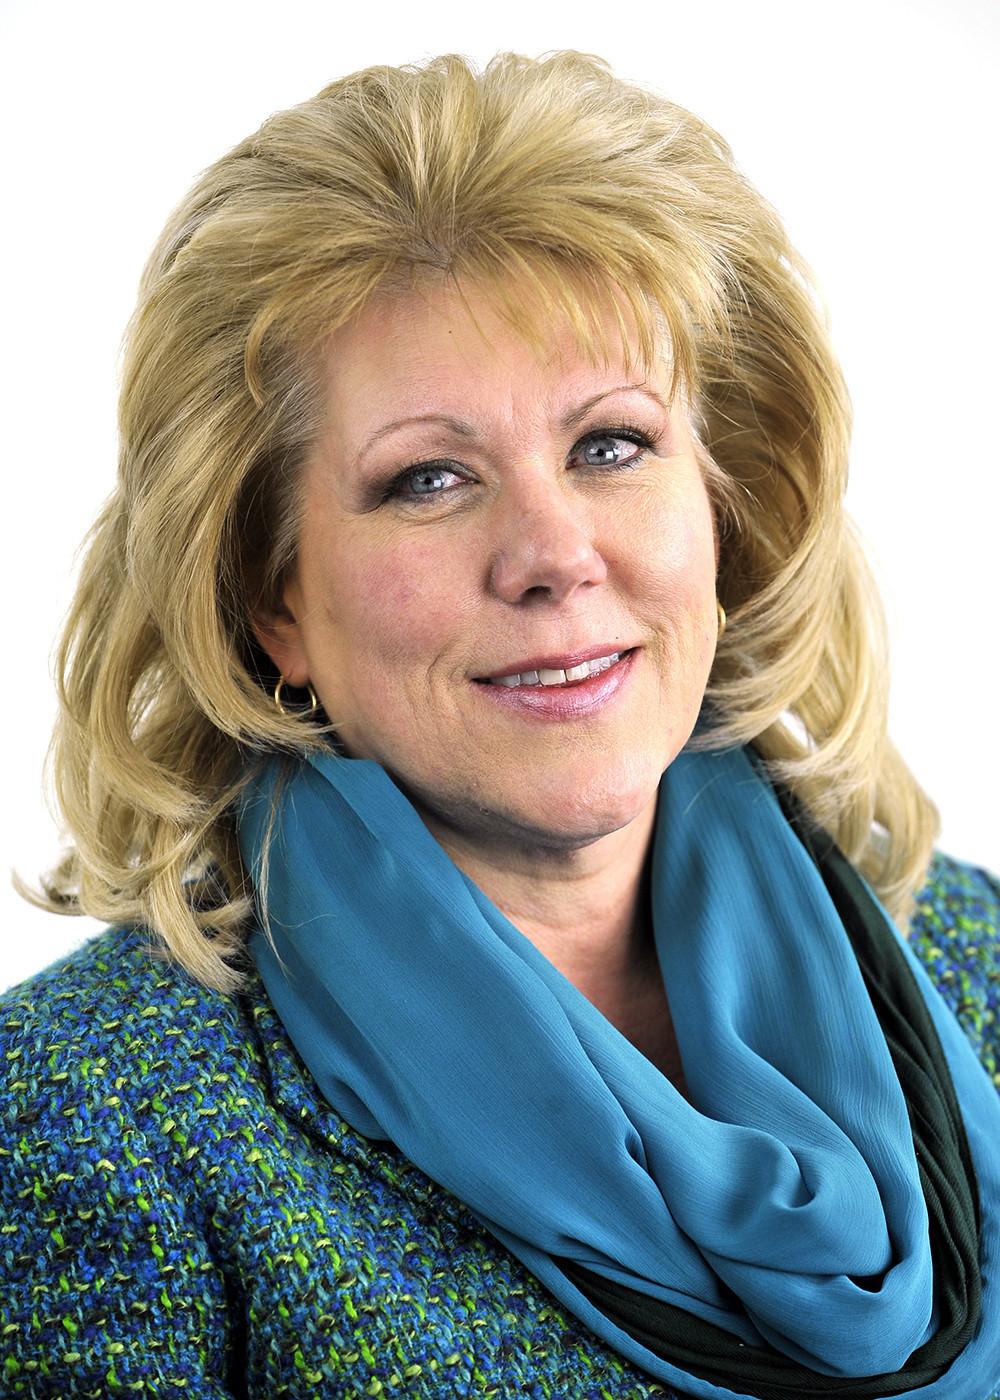 Lauren Parker Candidate For Anne Arundel County Register